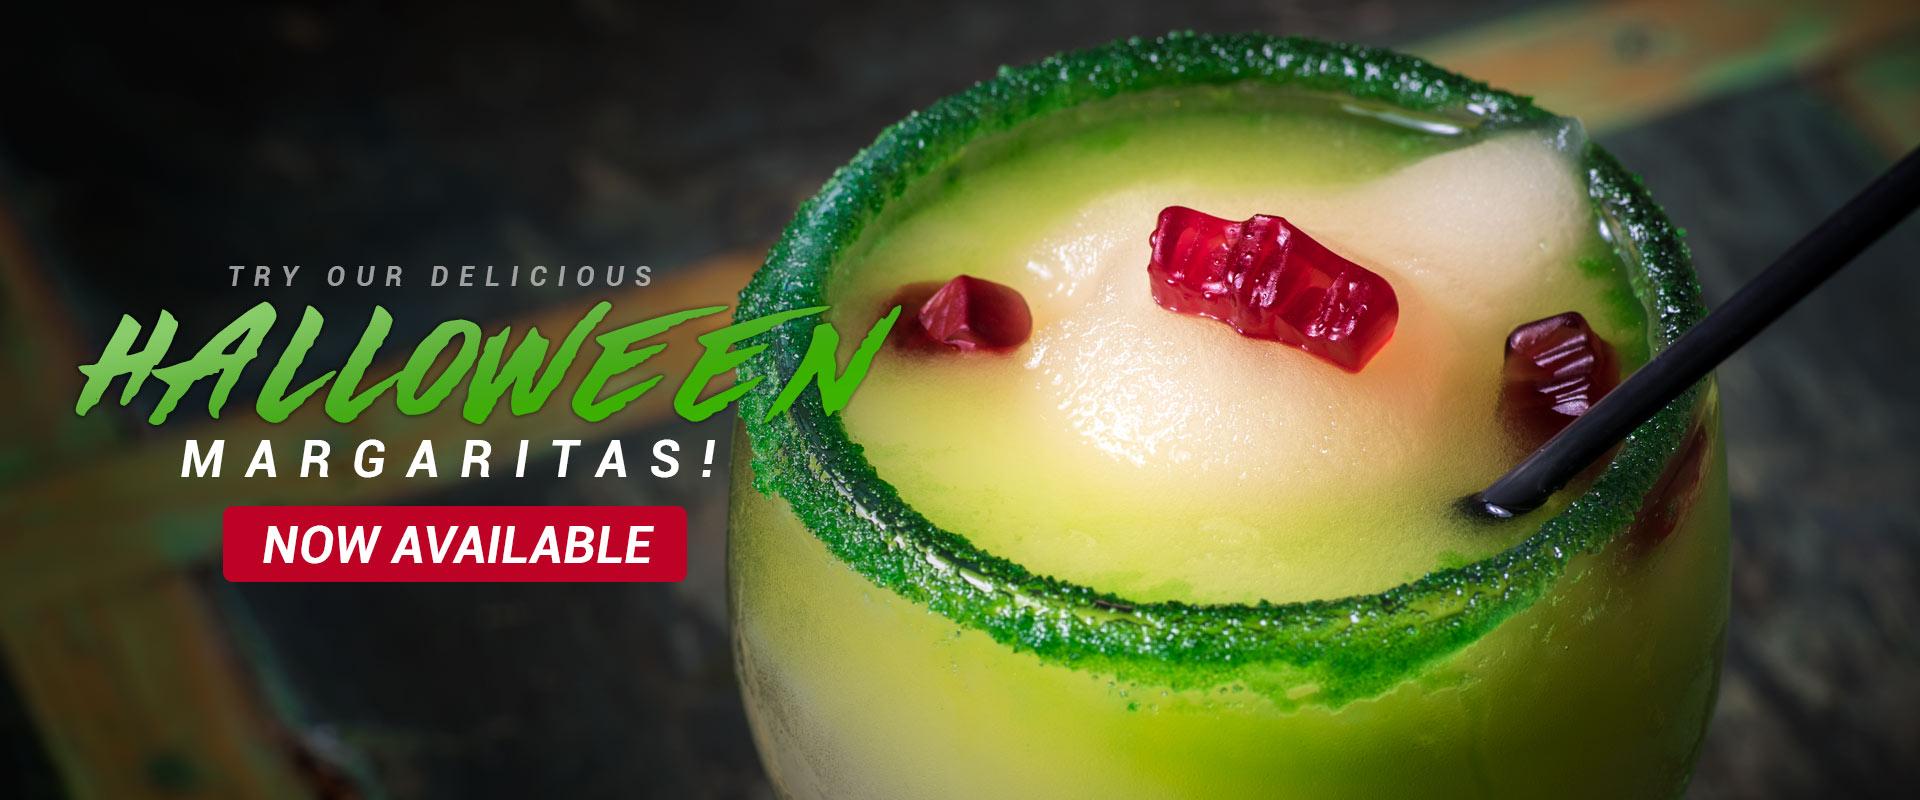 Halloween Margaritas - Pueblo Viejo Mexican Restaurant